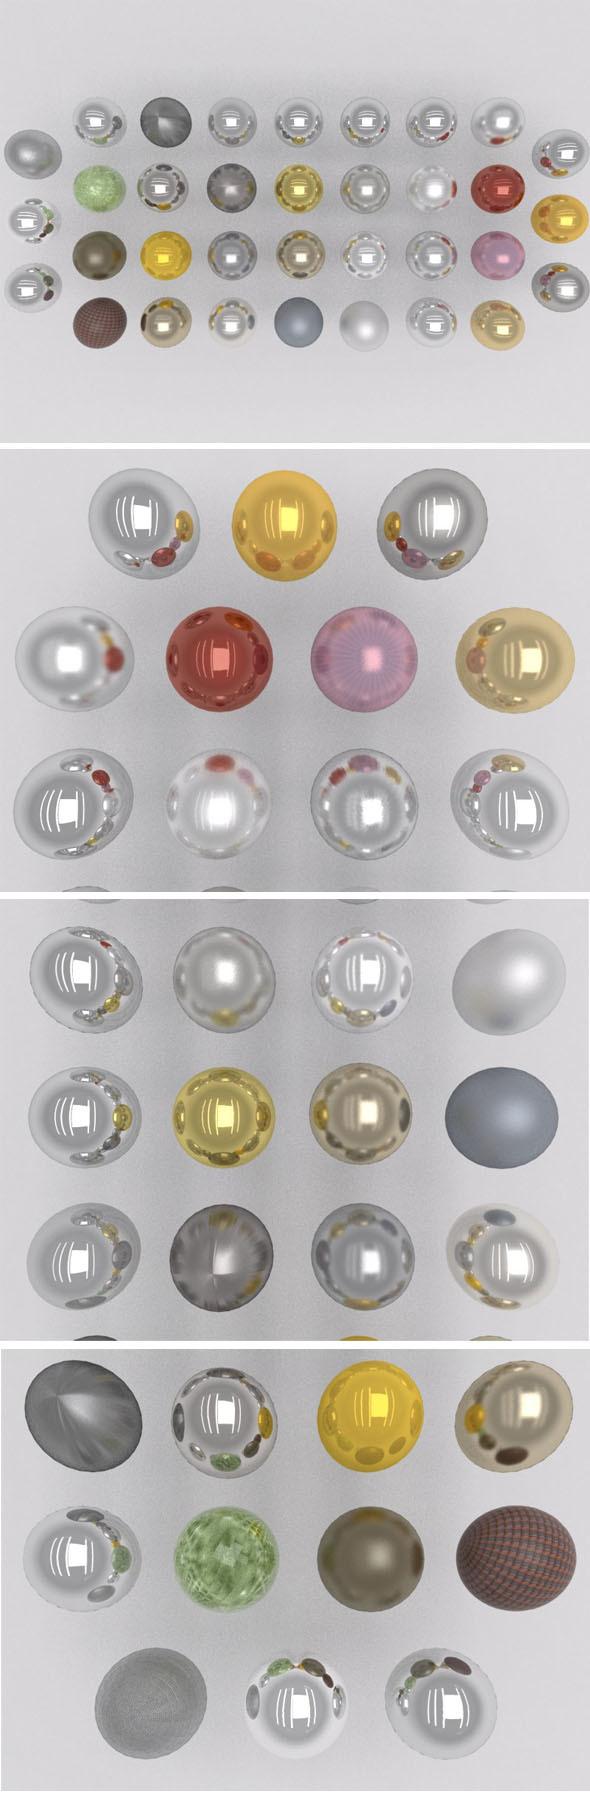 34 metal shaders - 3DOcean Item for Sale